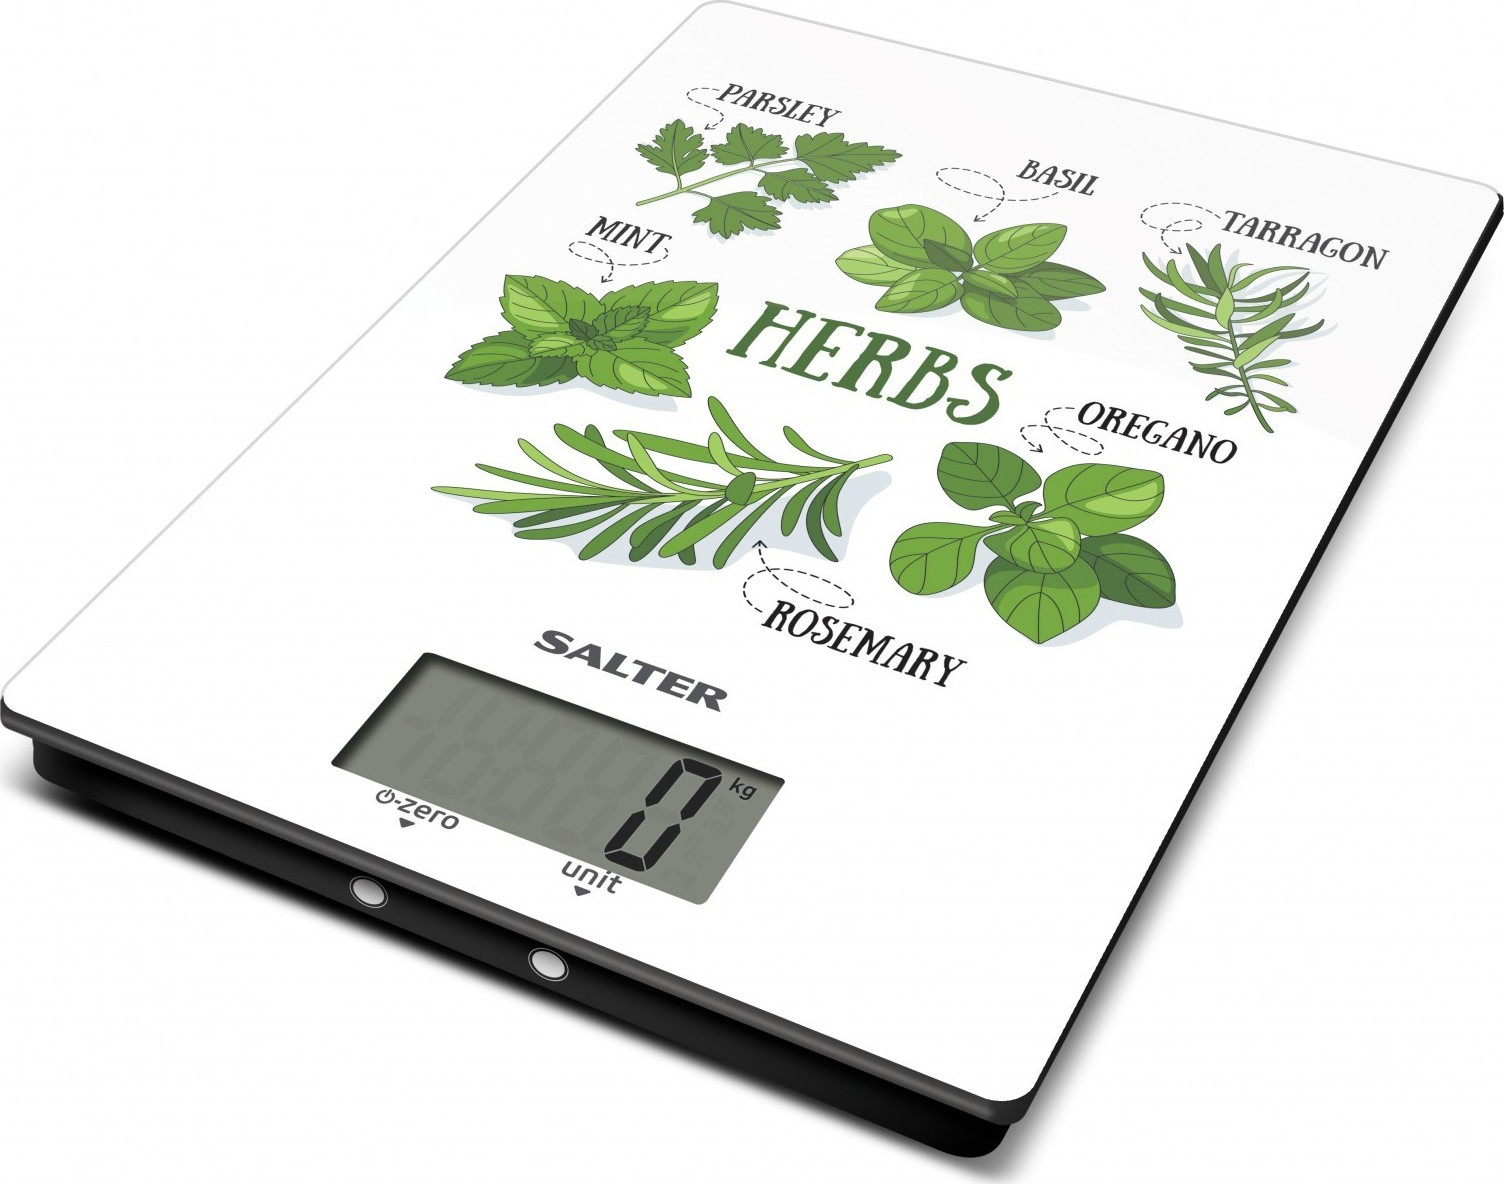 Ζυγαριά Κουζίνας Ψηφιακή 5kg Herbs Salter home   εργαλεια κουζινας   ζυγαριές